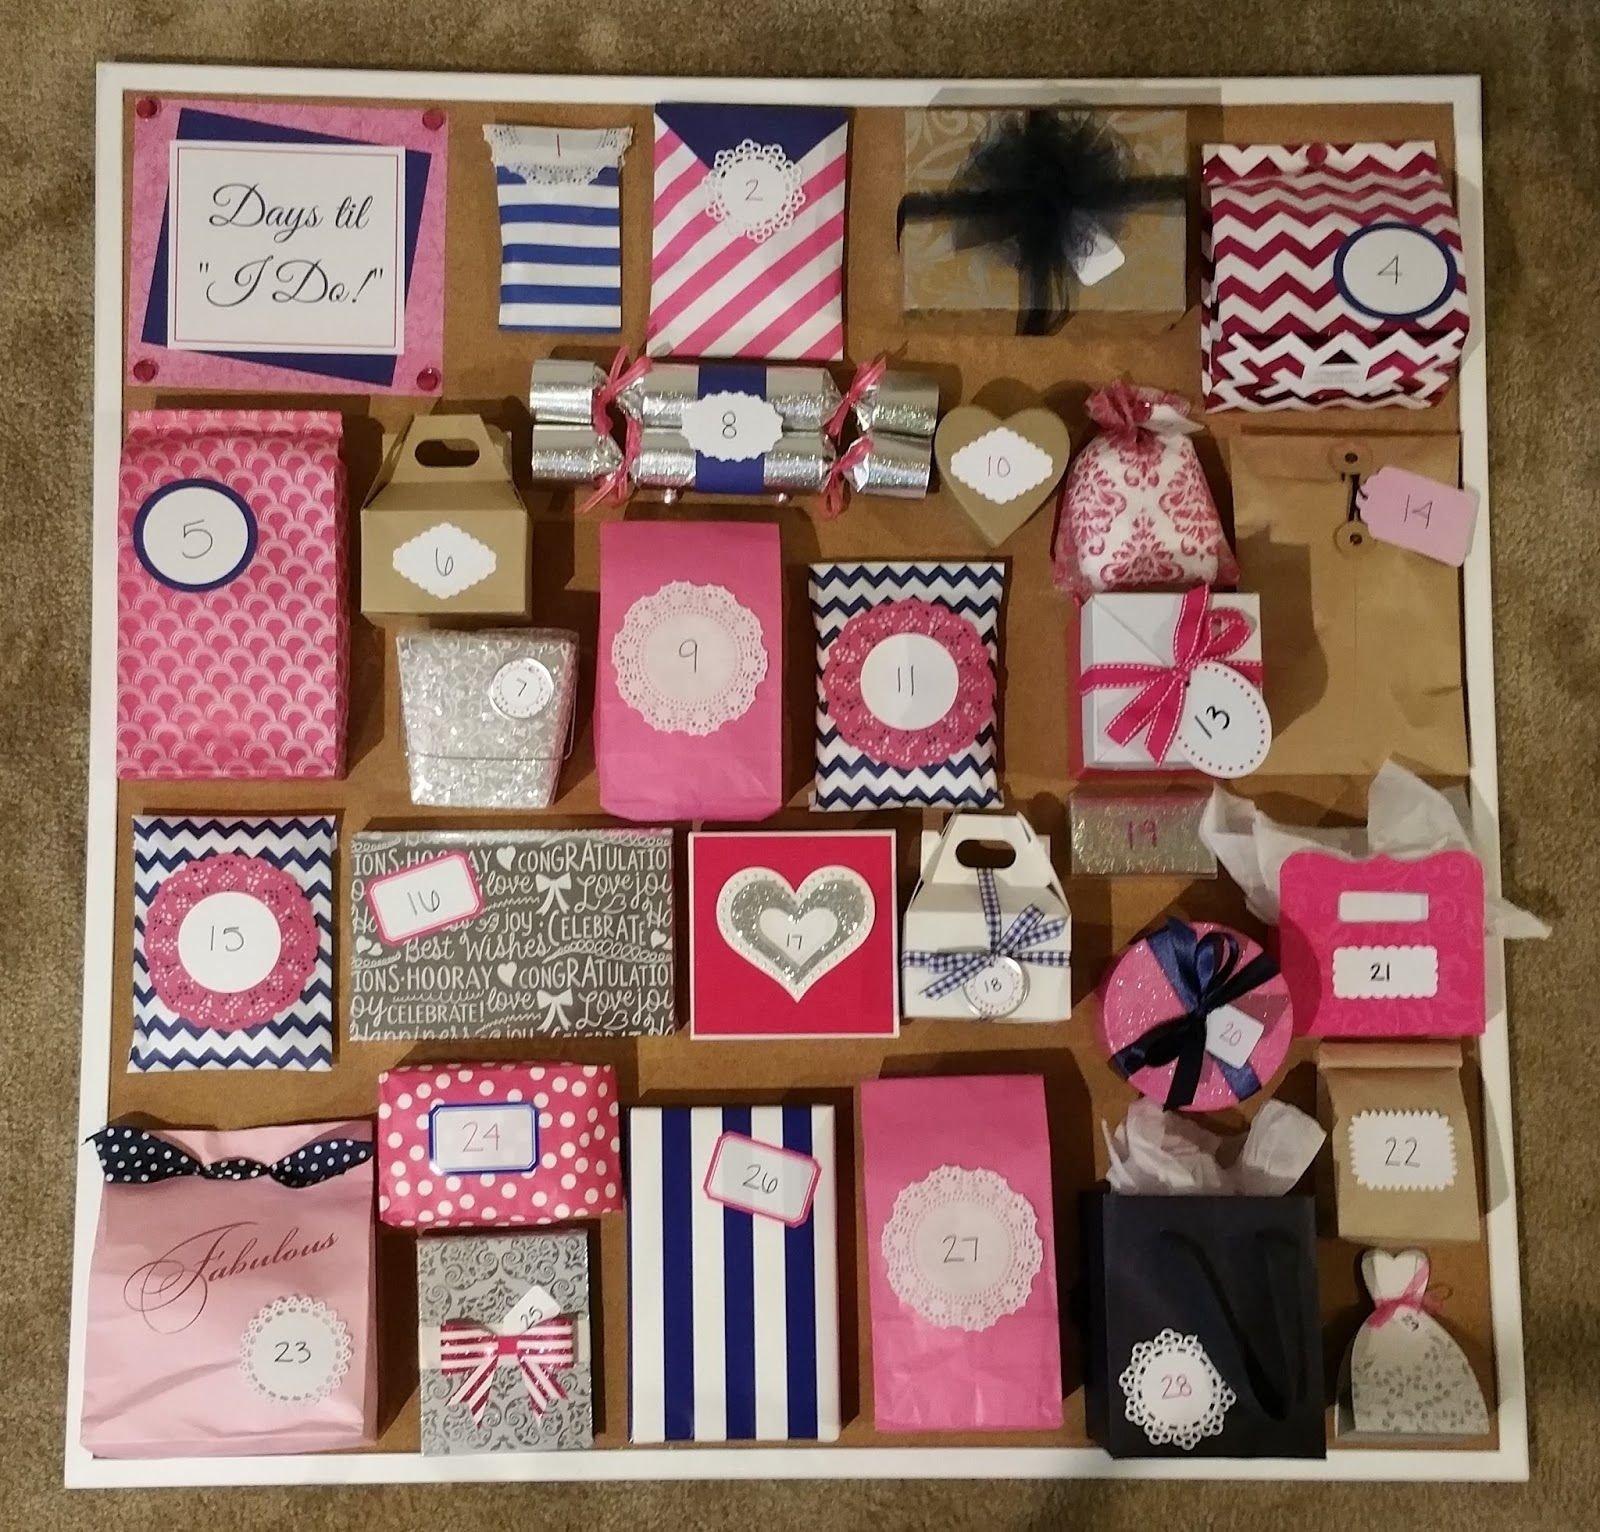 10 Cute Birthday Gift Ideas For Sister In Law wedding advent calendar amandas wedding shower pinterest 2021